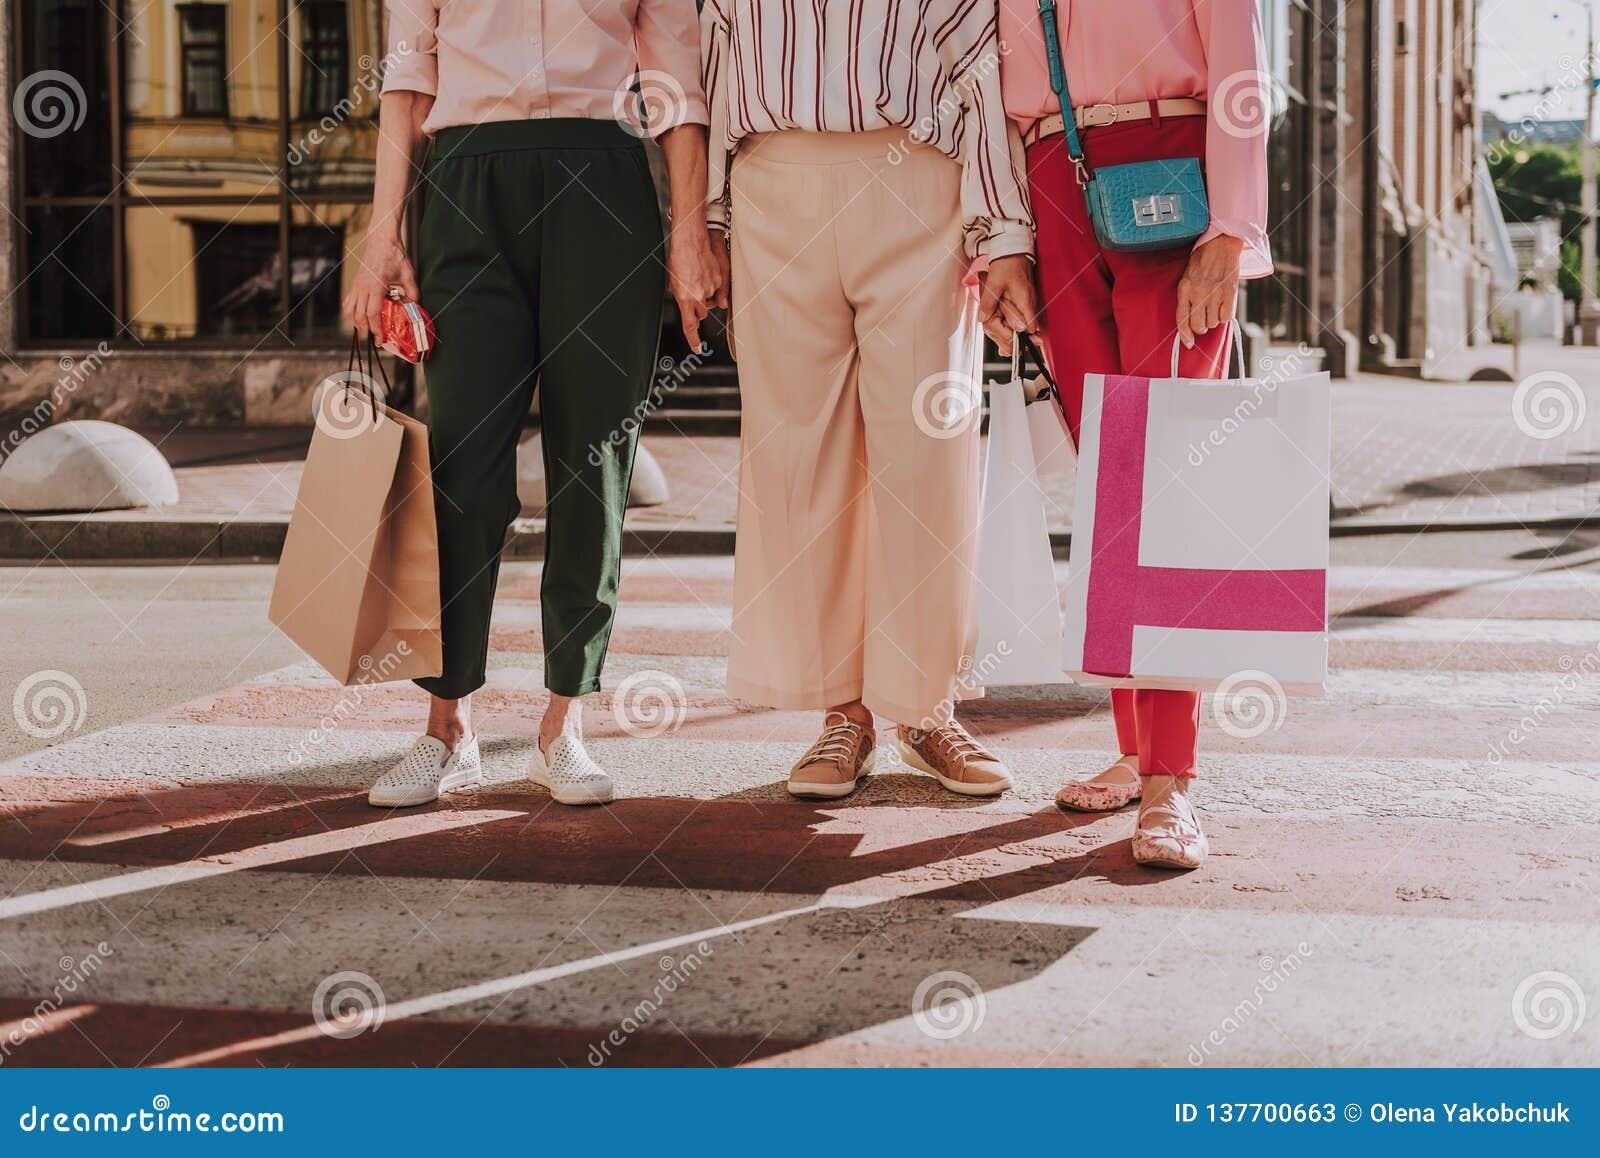 Stilvolle Frauen halten Einkaufstaschen im Freien